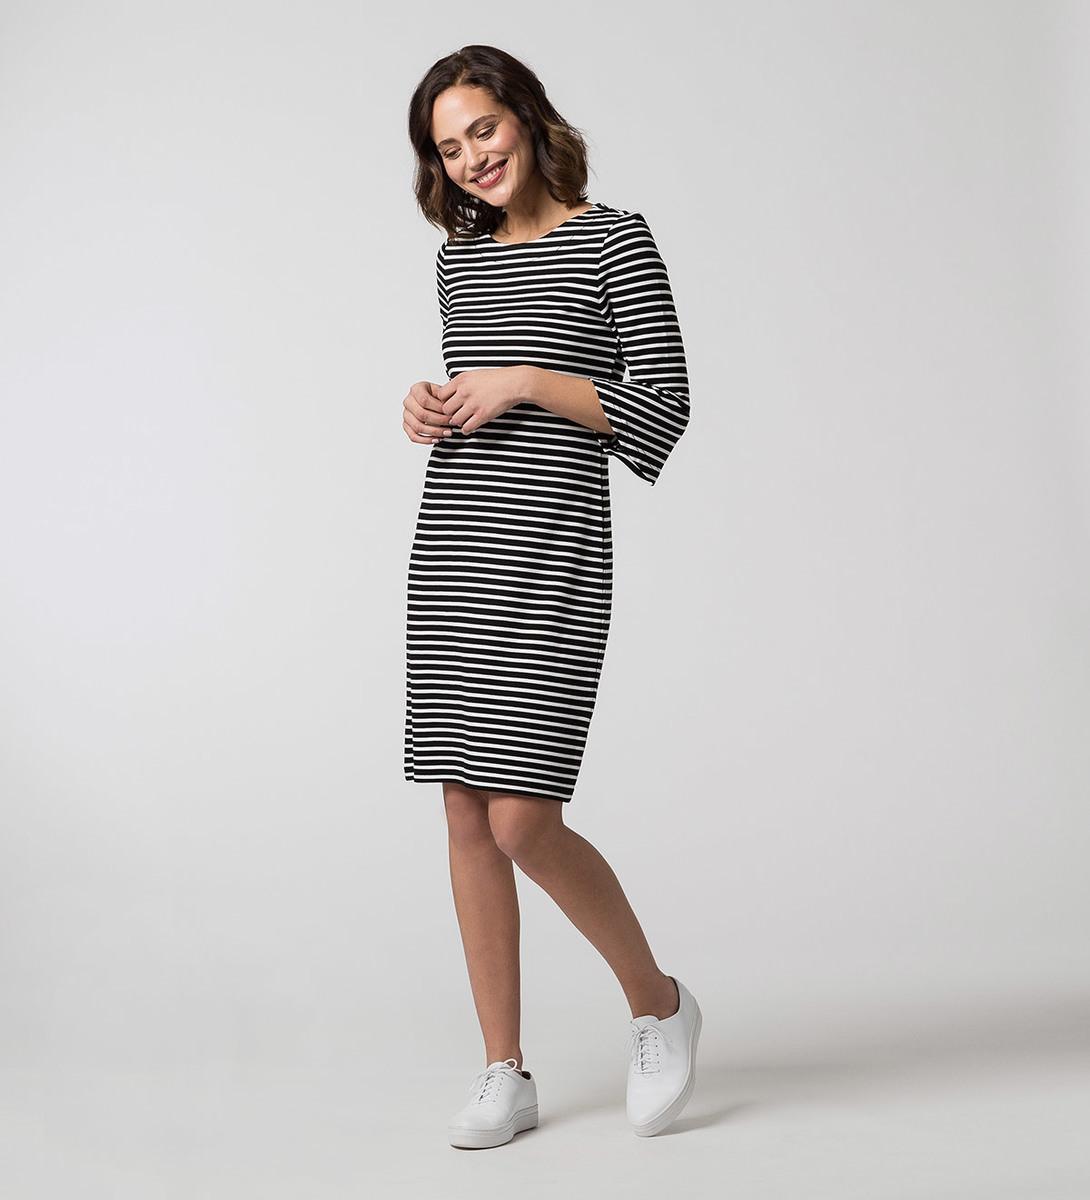 Kleid mit Streifen in black